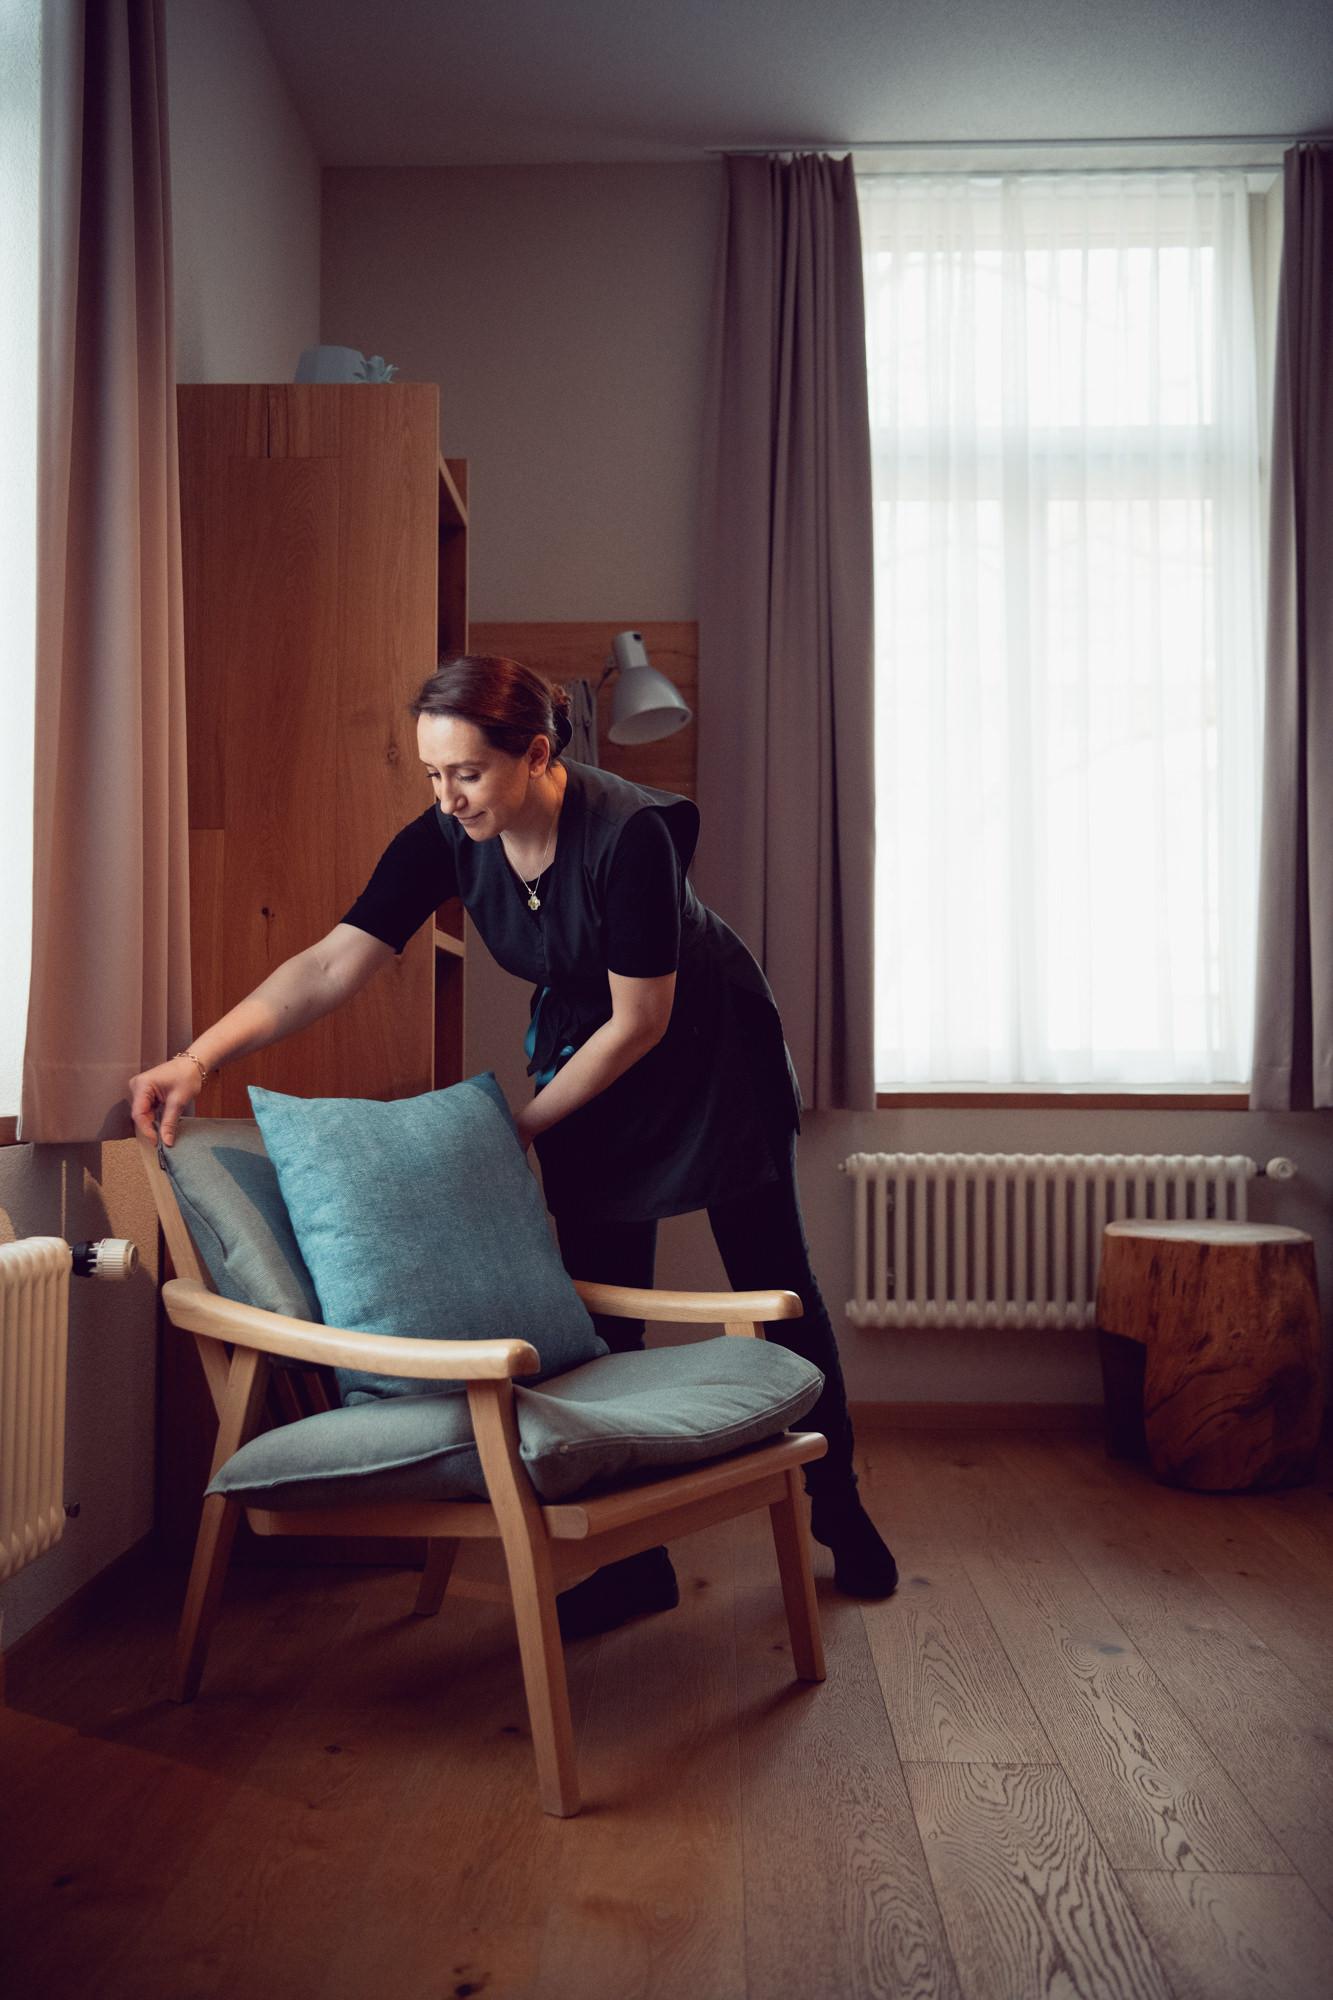 hotellerie_suisse28.jpg